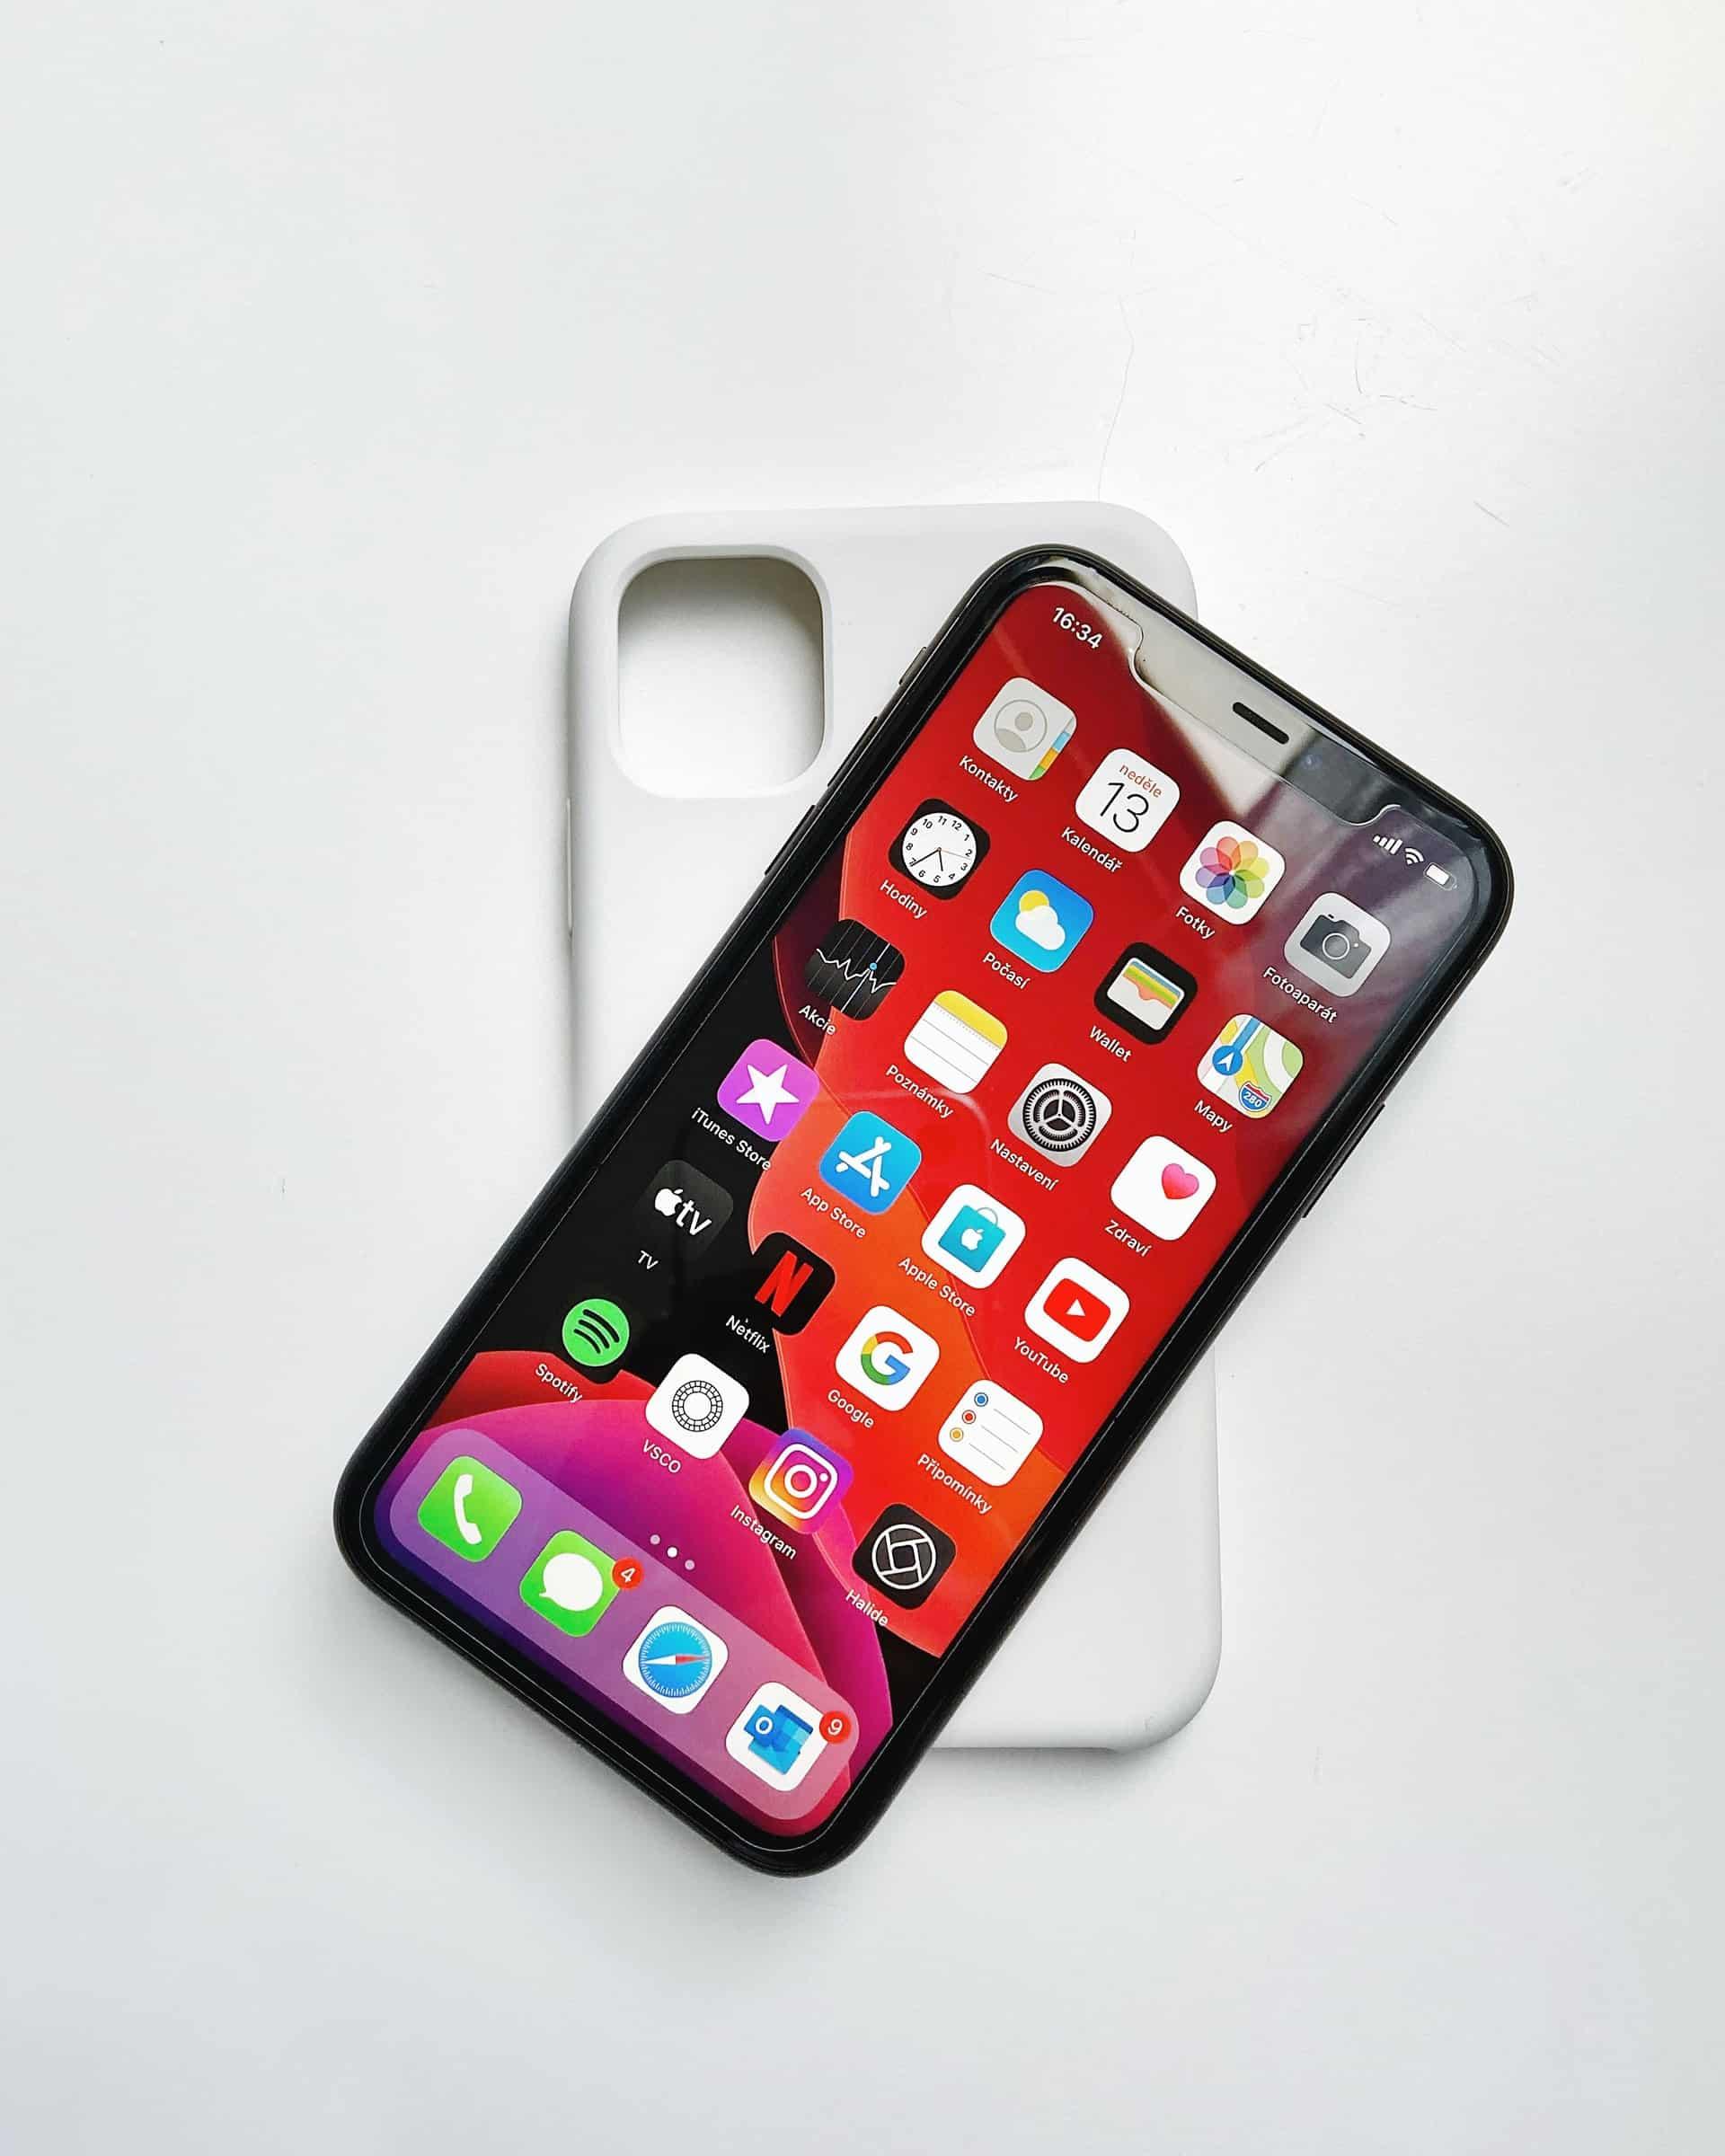 Phone Repair 101 Article Image